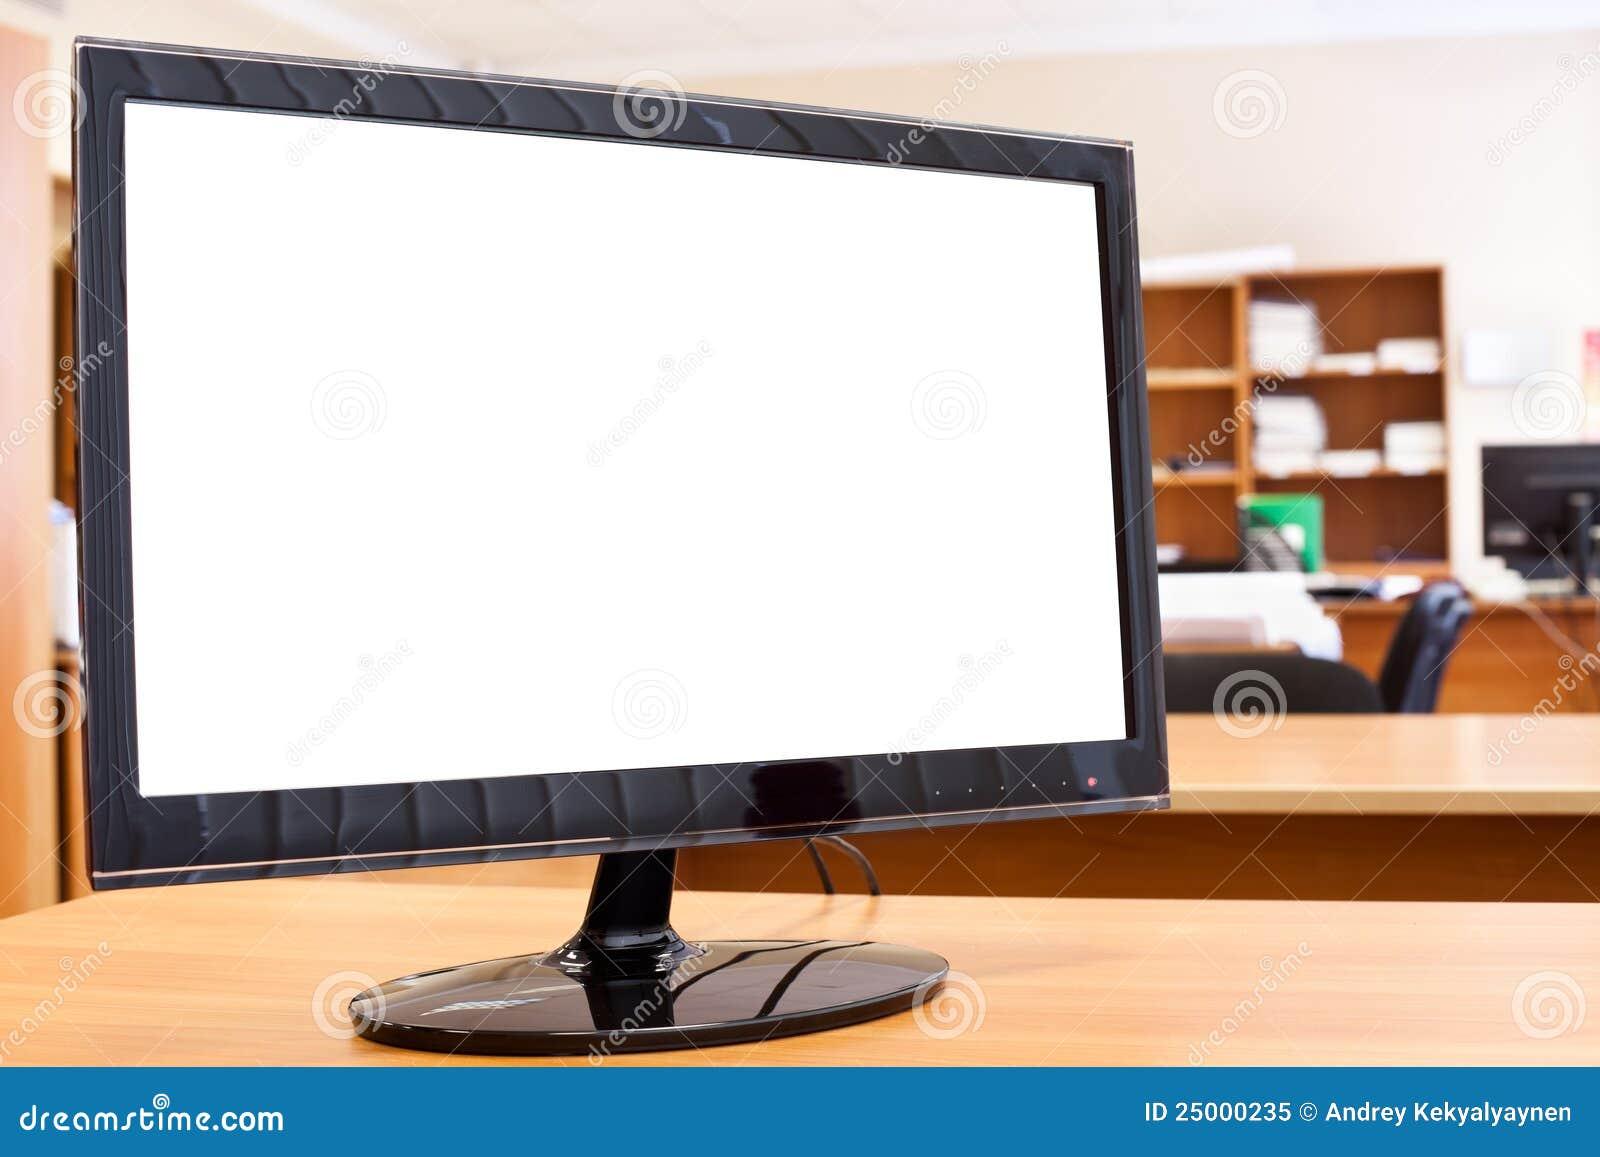 显示器屏幕表白色